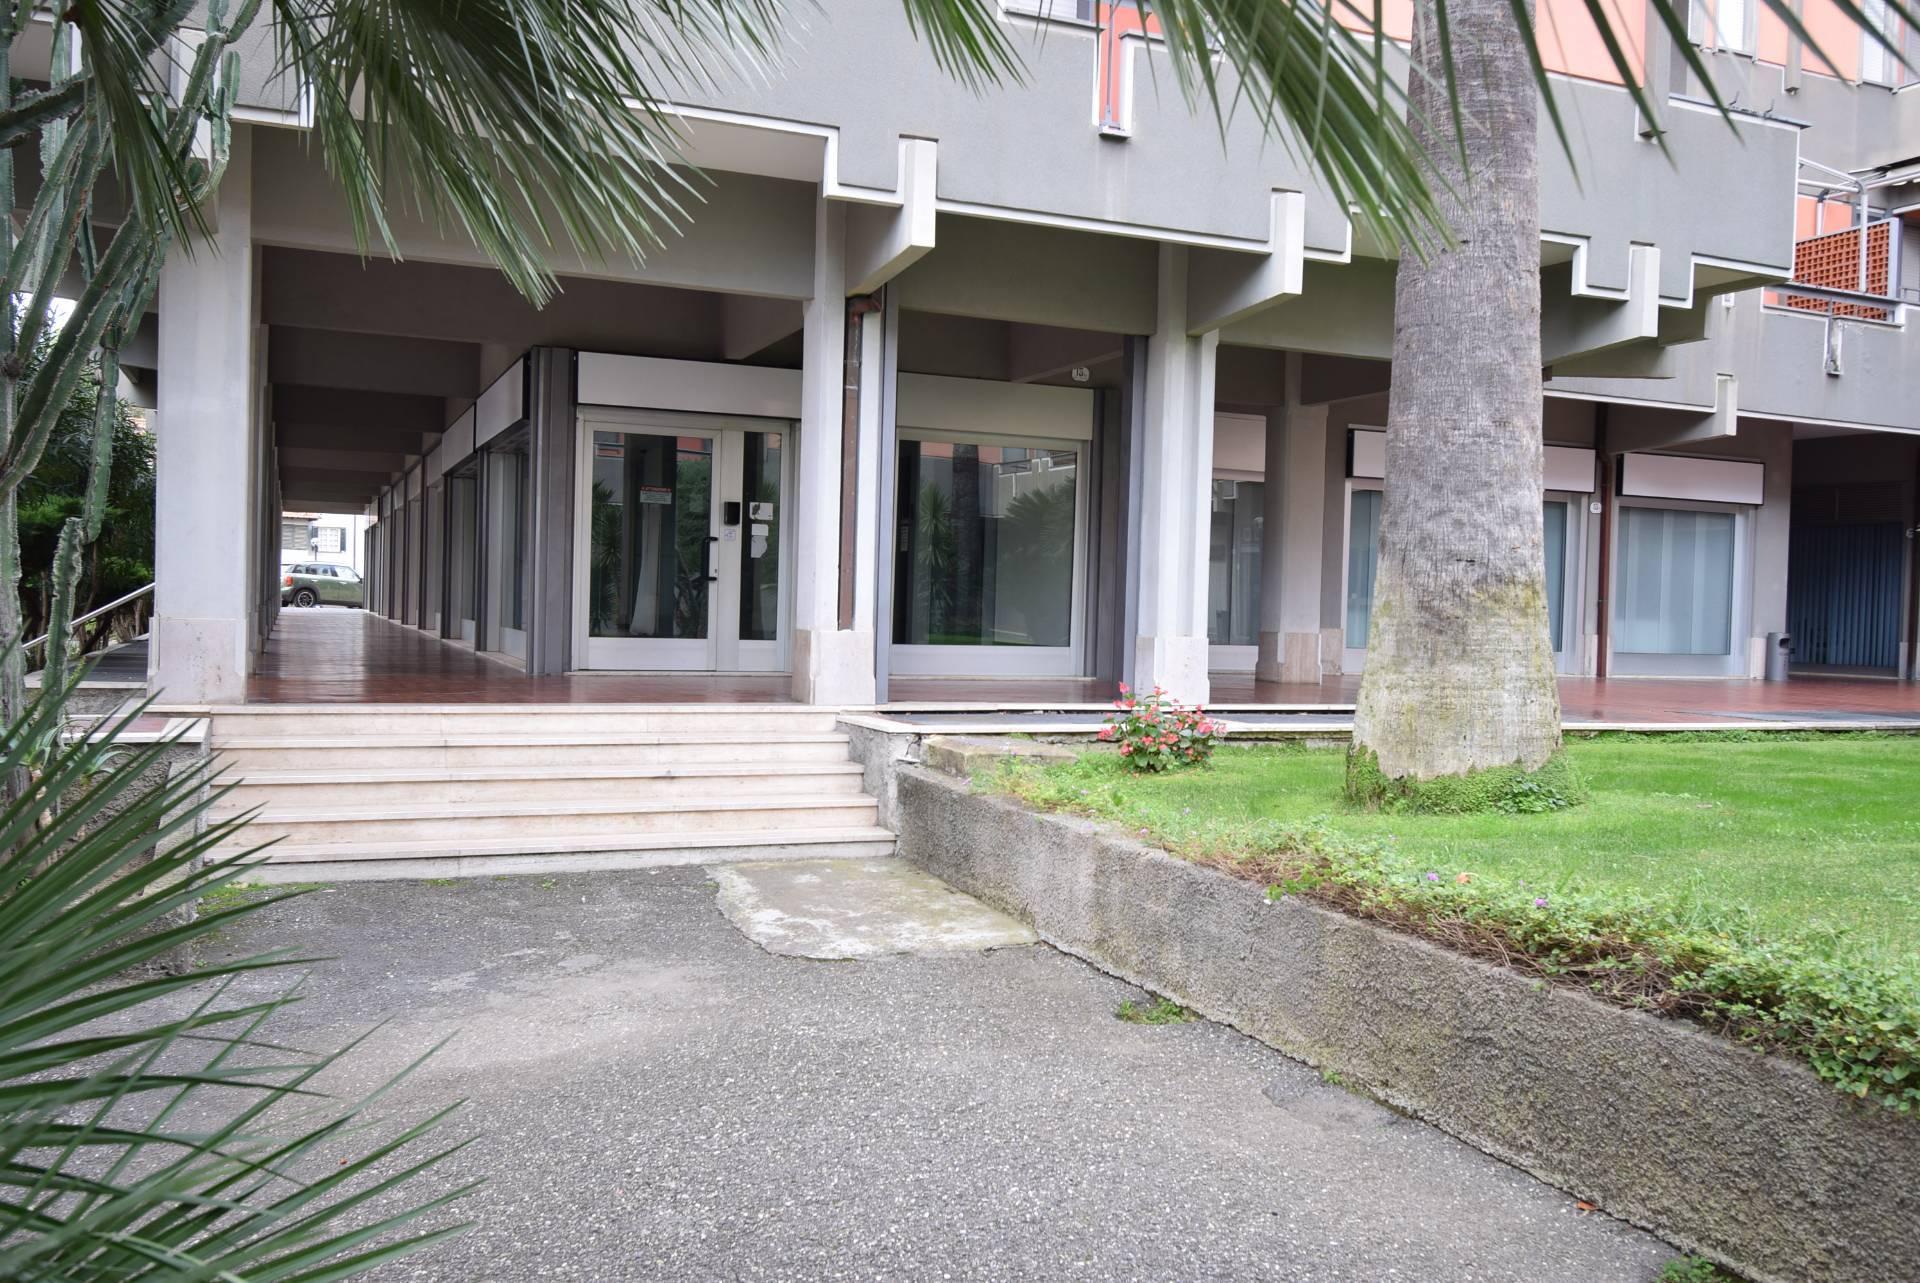 Negozio / Locale in affitto a Diano Marina, 9999 locali, prezzo € 2.500 | CambioCasa.it